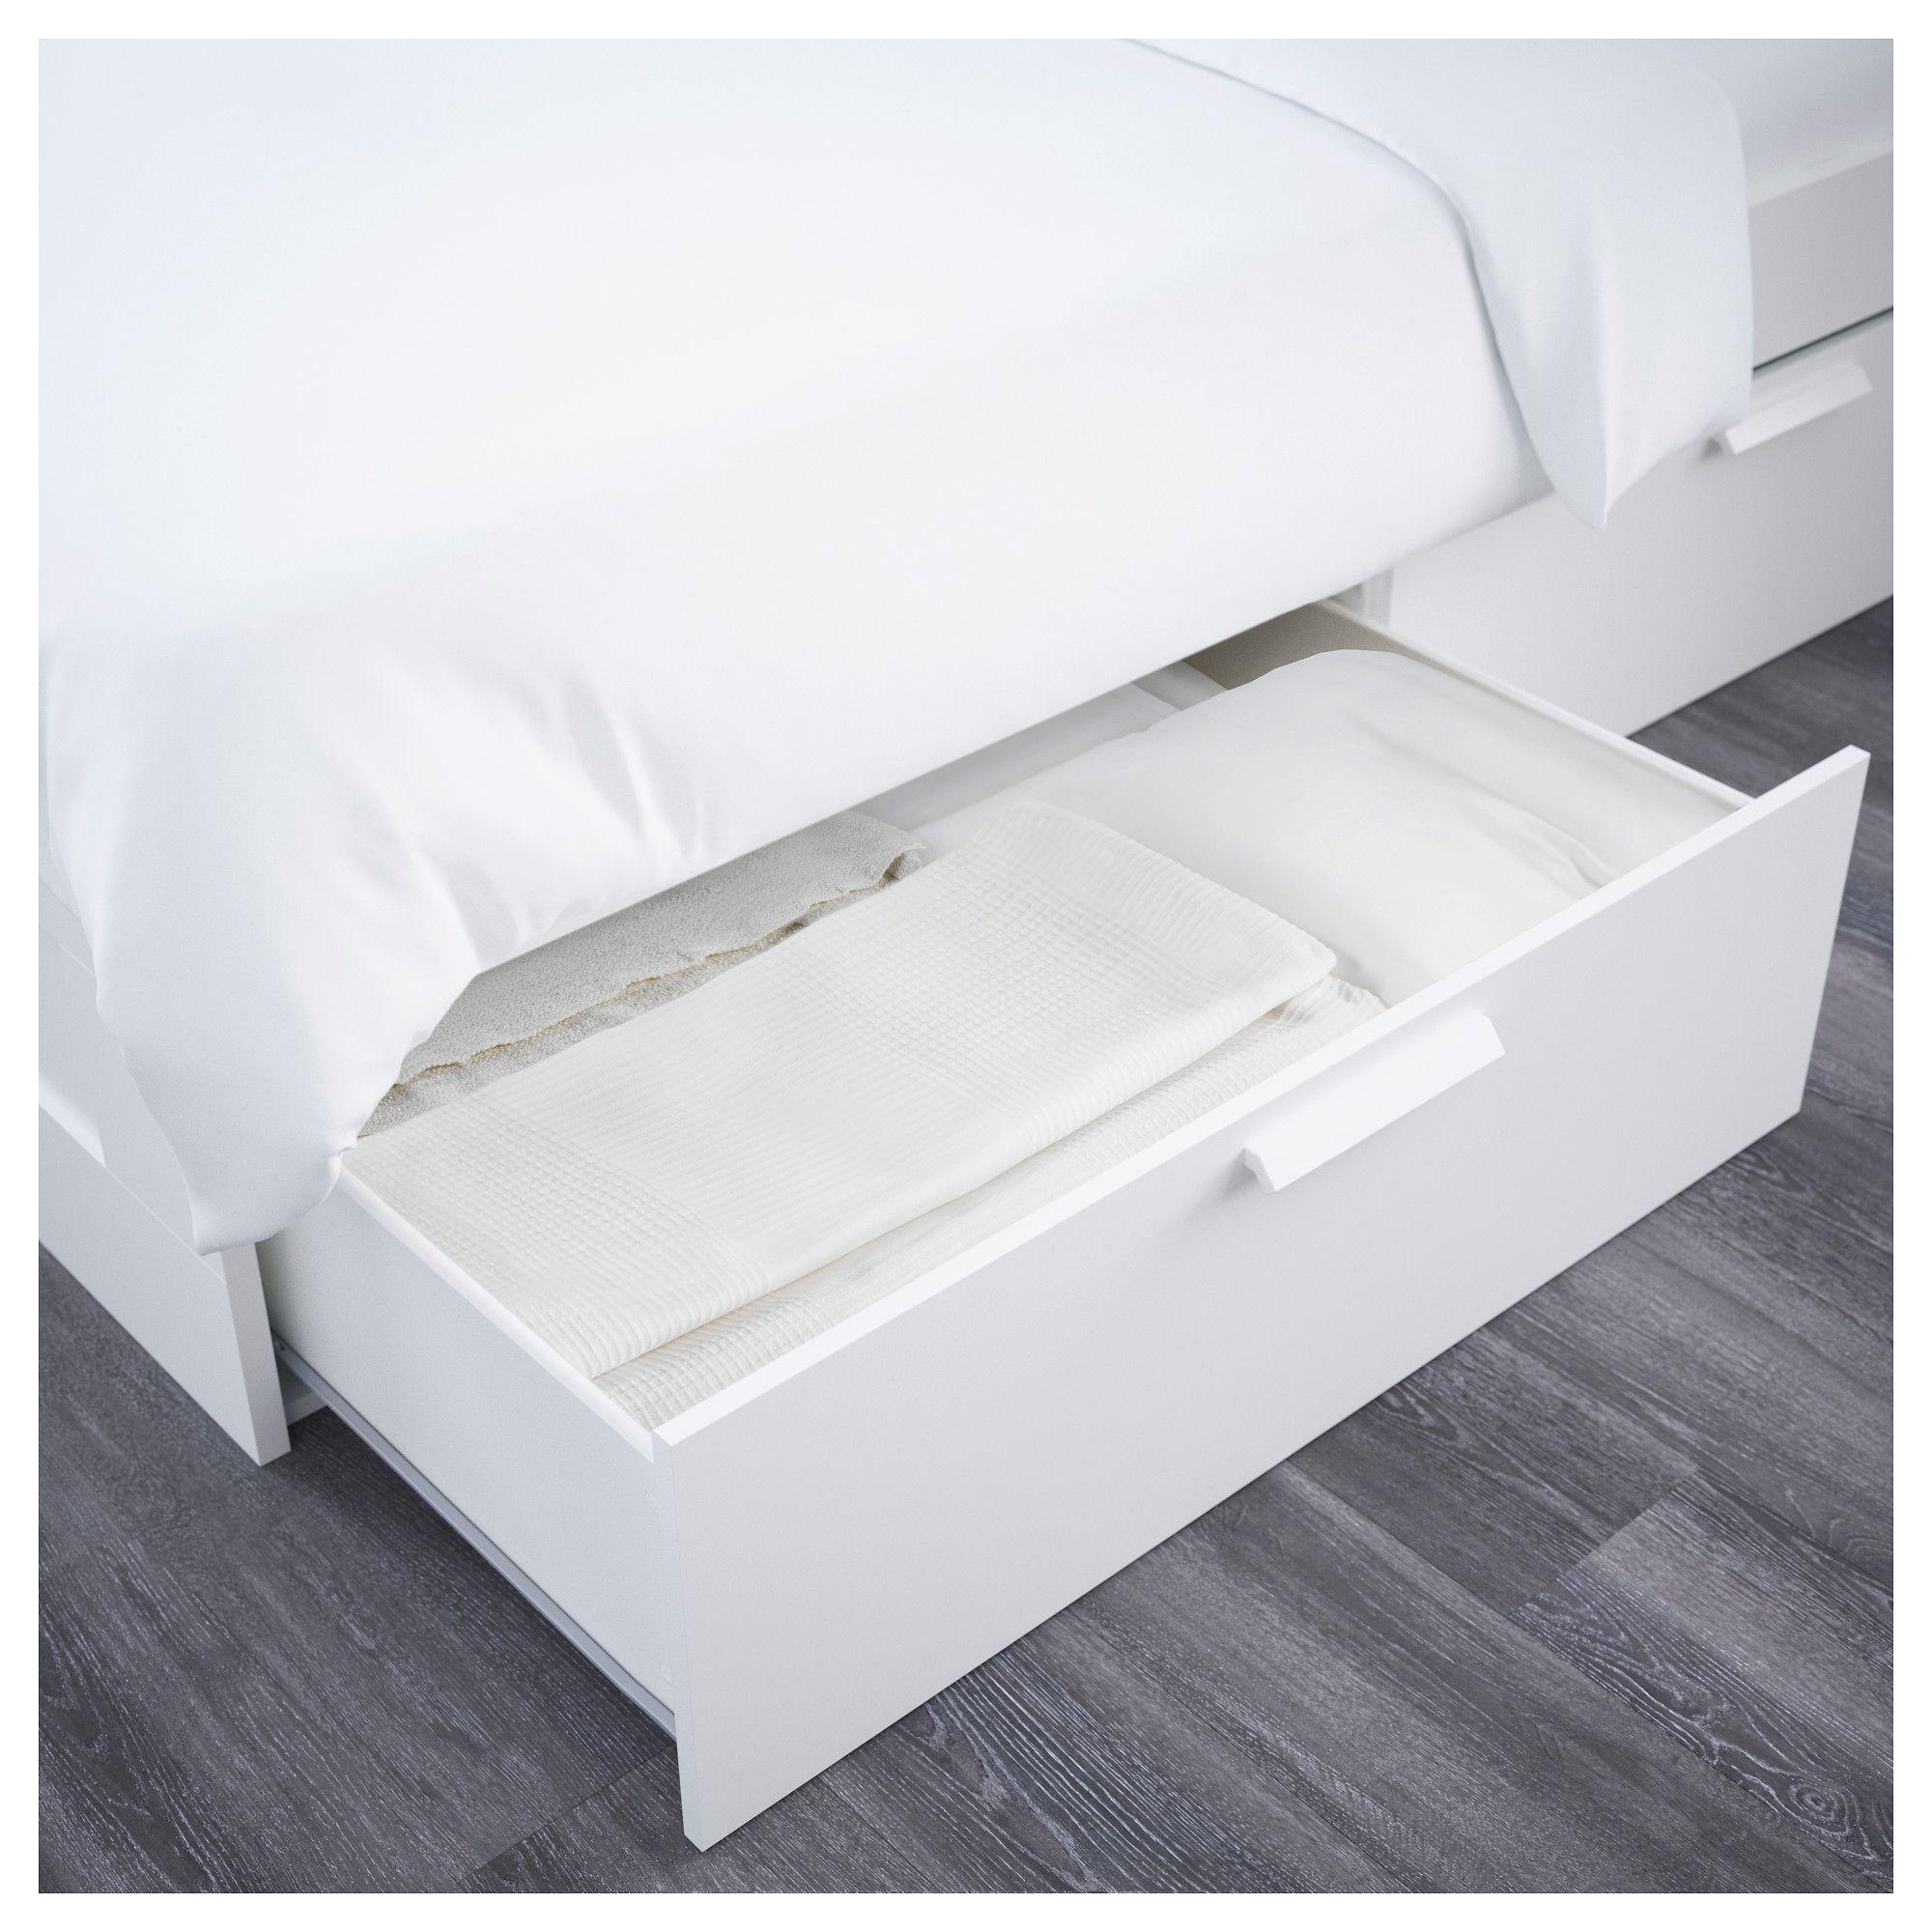 IKEA - BRIMNES Bed frame with storage & headboard white | Pinterest